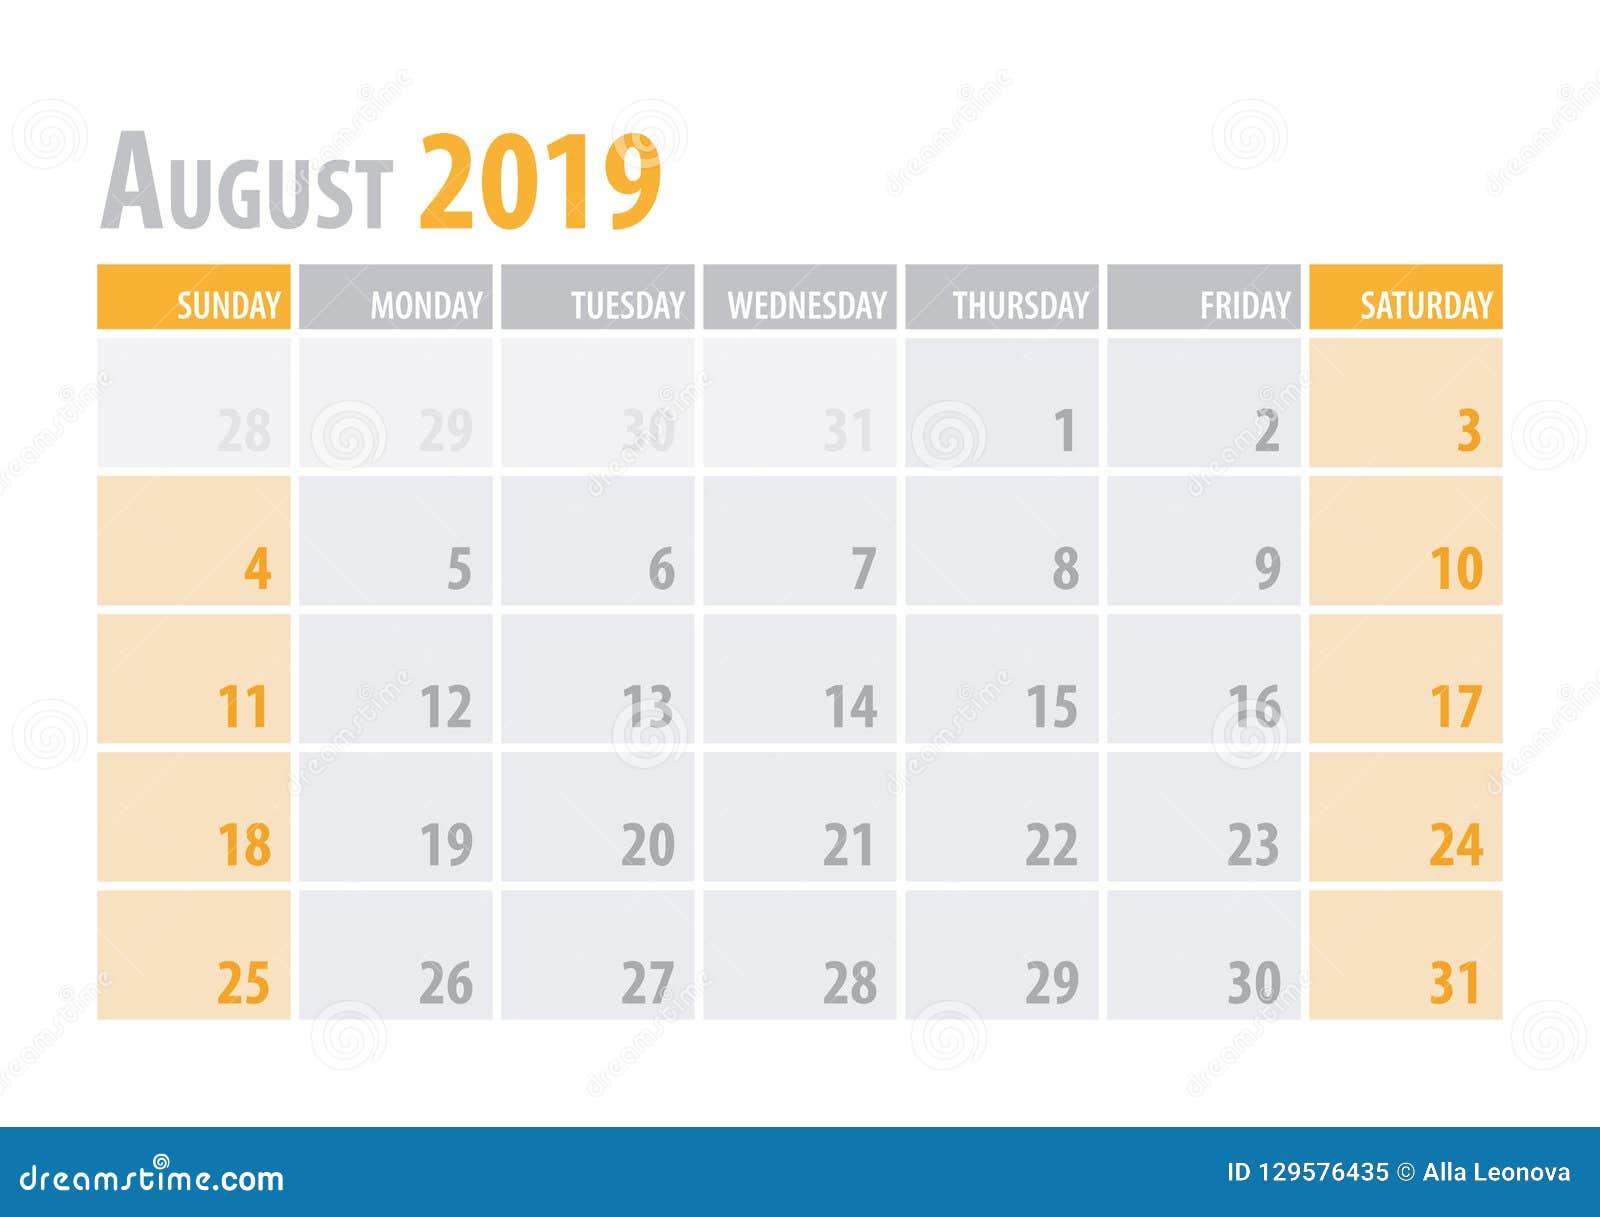 Ημερολογιακός αρμόδιος για το σχεδιασμό 2019 Αυγούστου στο καθαρό ελάχιστο επιτραπέζιο απλό ύφος επίσης corel σύρετε το διάνυσμα